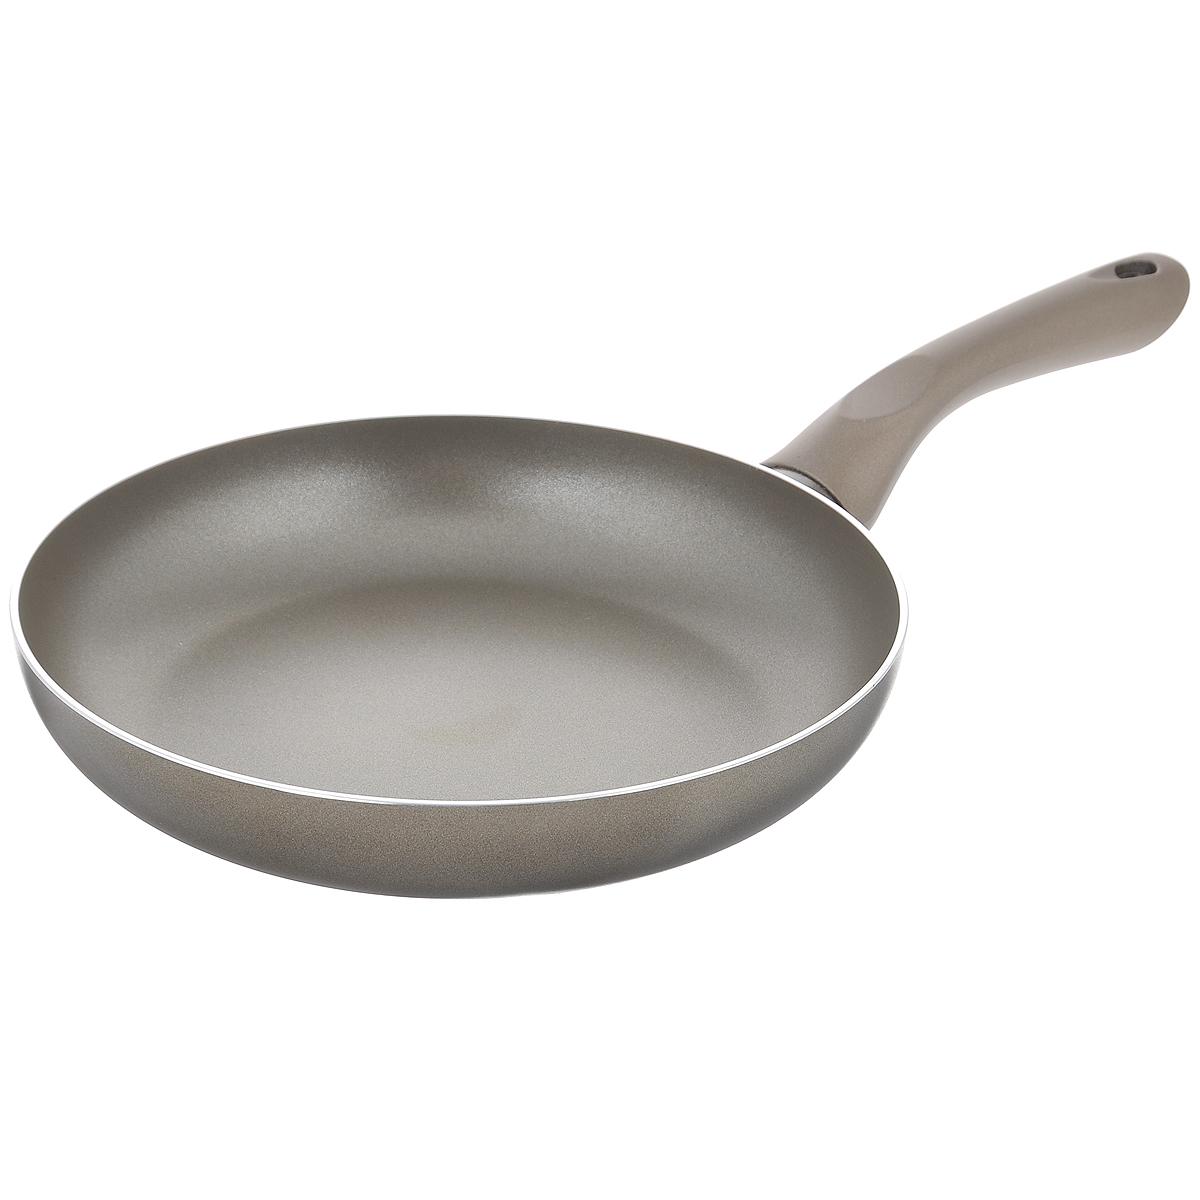 Сковорода Beka Platinum, с антипригарным покрытием, цвет: серый. Диаметр 26 смFS-91909Сковорода Beka Platinum изготовлена из массивного литого алюминия с антипригарным покрытием. Это экологически чистое покрытие, которое безопасно для здоровья человека, так как не содержит вредных соединений PFOA. В случае перегрева не выделяет опасных веществ. В сковороде с таким покрытием пища не пригорает и не прилипает к стенкам, поэтому готовить можно с минимальным количеством масла. Максимальная температура нагрева +220°C. Сковорода снабжена удобной бакелитовой ручкой. Рекомендуется использовать деревянные или пластиковые лопатки. Подходит для приготовления пищи на газовых, электрических, керамических и галогеновых плитах. Не пригодна для приготовления пищи на индукционной плите. Можно мыть в посудомоечной машине.